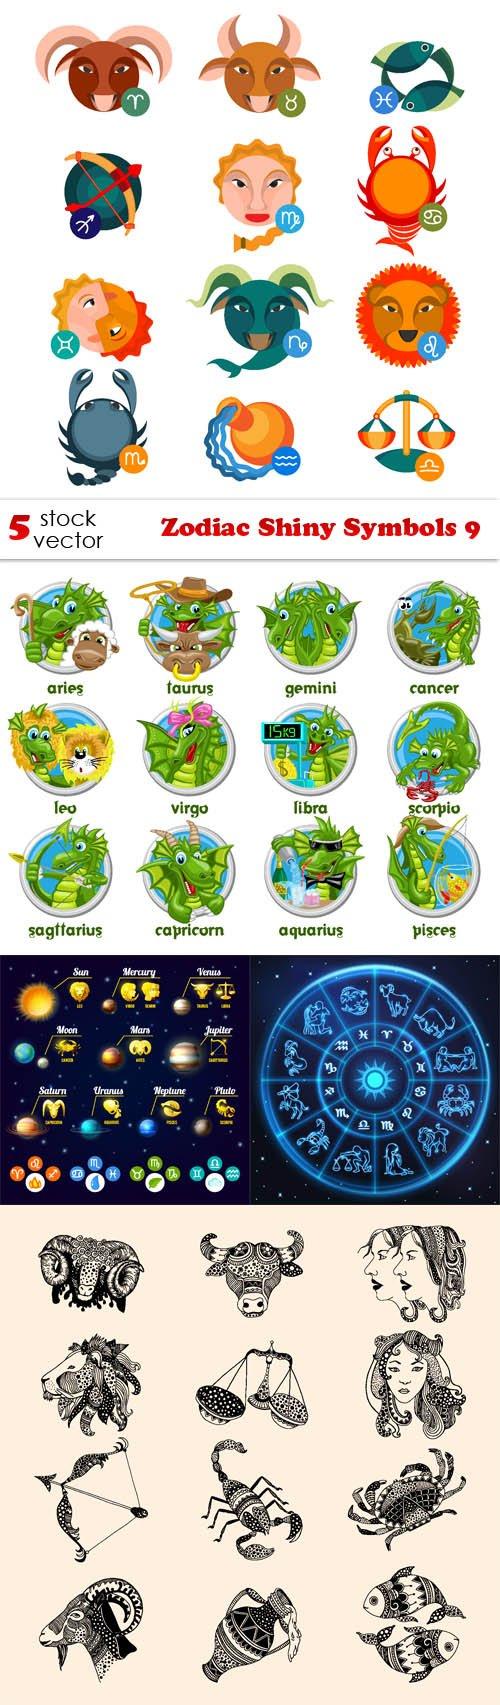 Vectors - Zodiac Shiny Symbols 9